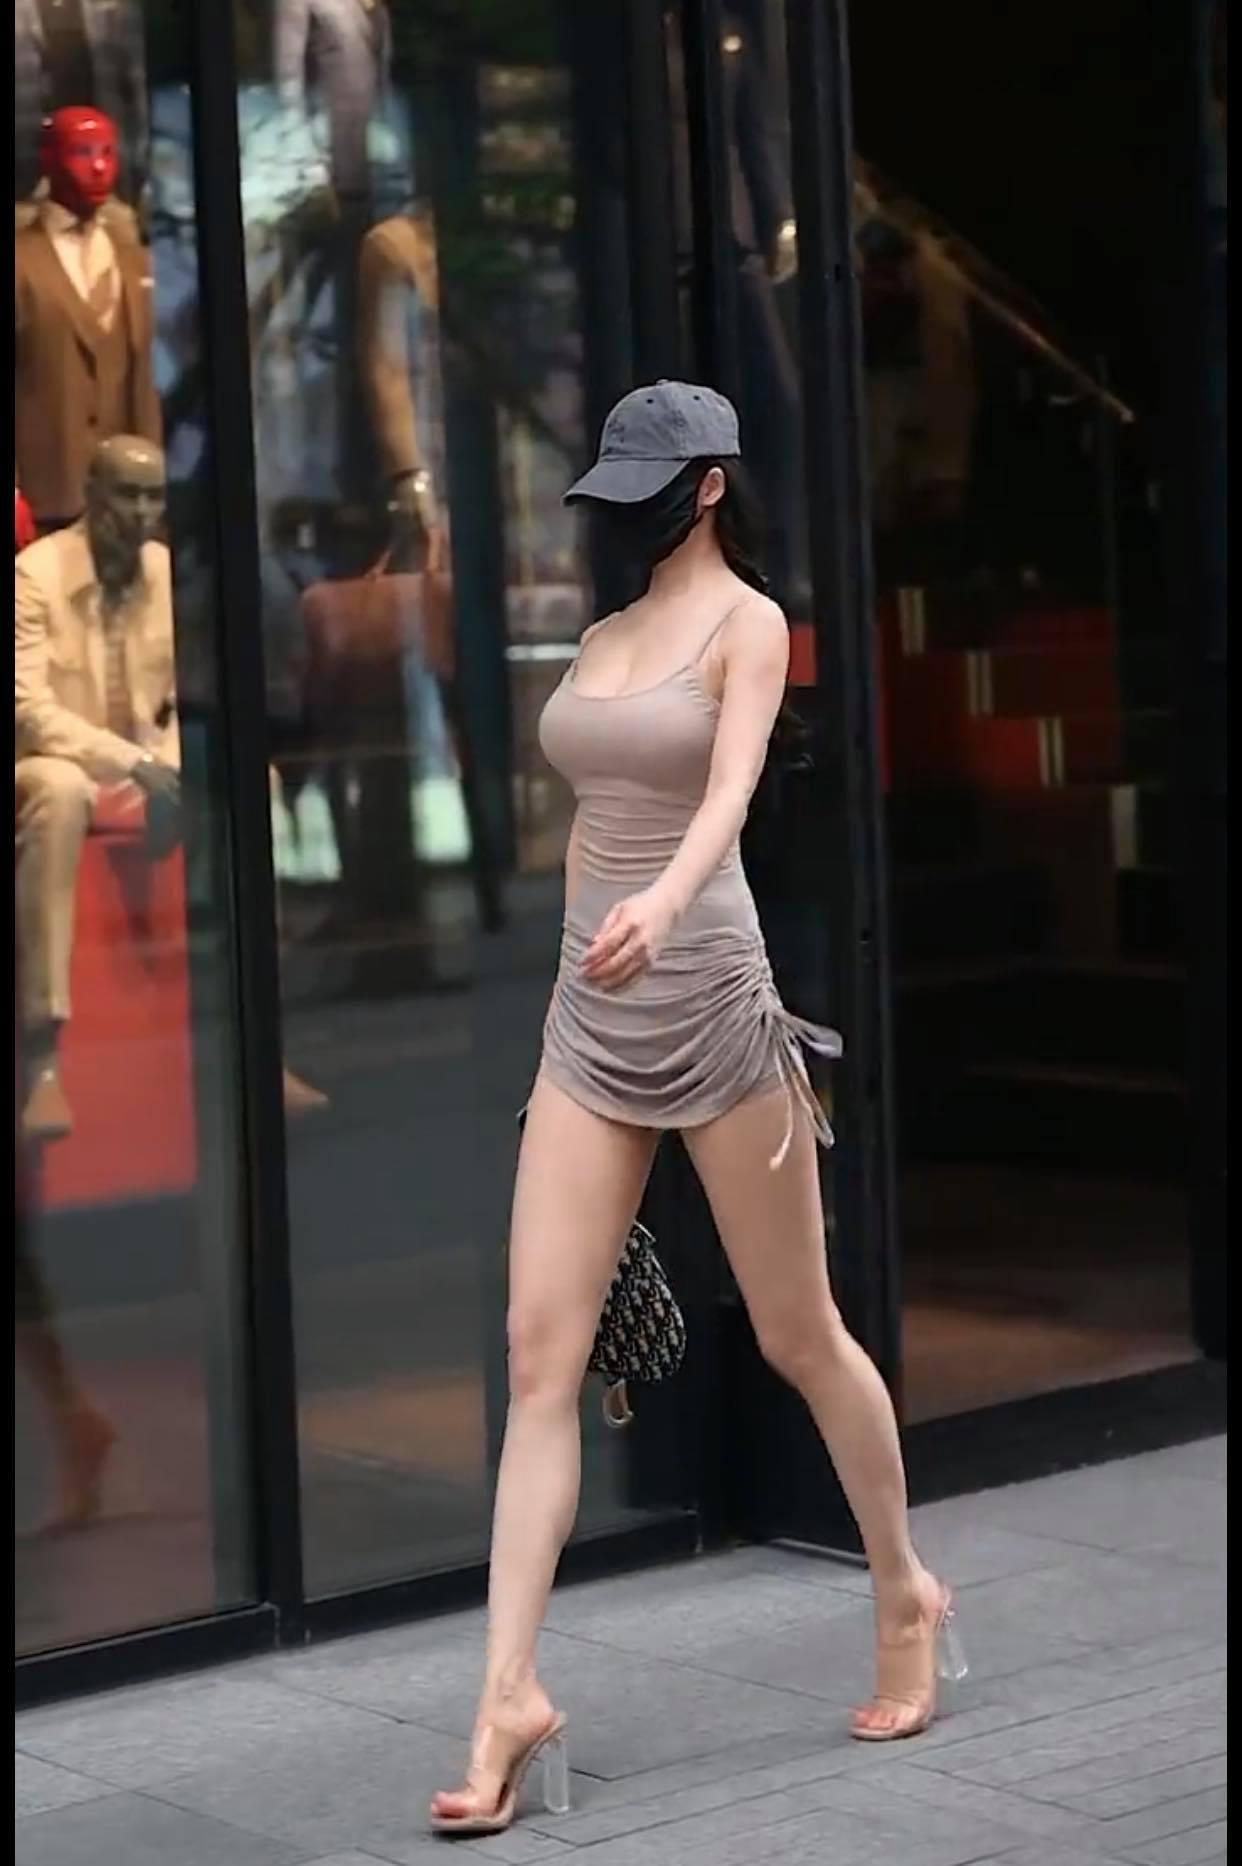 Váy rút dây cao ngang hông, người đẹp đường phố thu hút mọi ánh mắt - 4